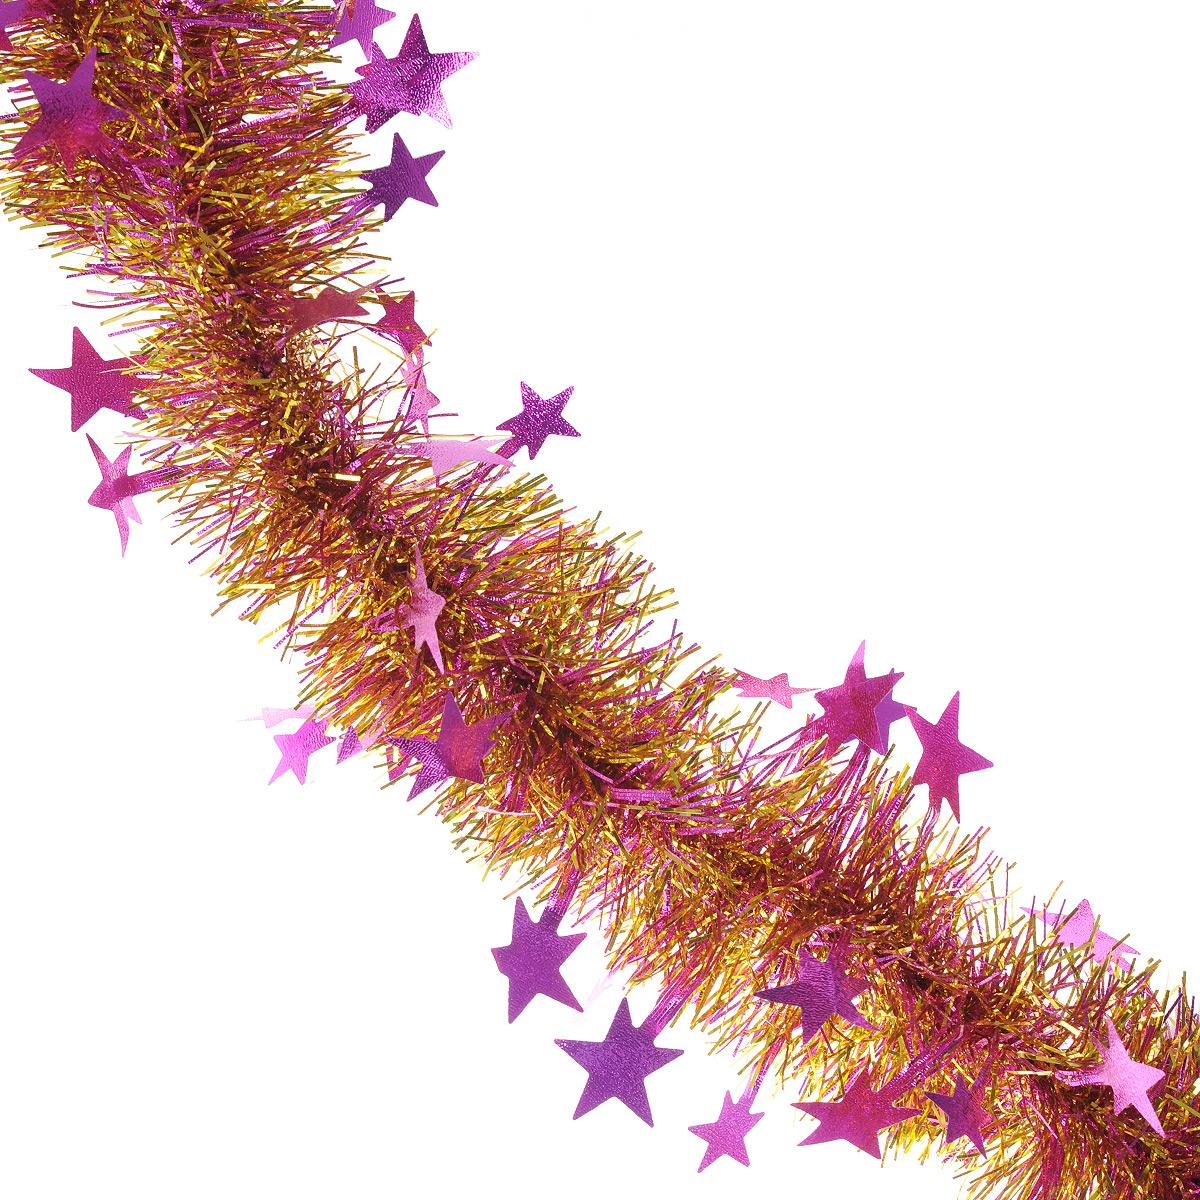 Мишура новогодняя Sima-land, цвет: сиреневый, золотистый, диаметр 9 см, длина 200 см. 706597706597Мишура новогодняя Sima-land, выполненная из двухцветной фольги, поможет вам украсить свой дом к предстоящим праздникам. Мишура армирована, то есть имеет проволоку внутри и способна сохранять приданную ей форму. По всей длине изделие украшено фигурками из фольги в виде гофрированных звездочек. Новогодней мишурой можно украсить все, что угодно - елку, квартиру, дачу, офис - как внутри, так и снаружи. Можно сложить новогодние поздравления, буквы и цифры, мишурой можно украсить и дополнить гирлянды, можно выделить дверные колонны, оплести дверные проемы.